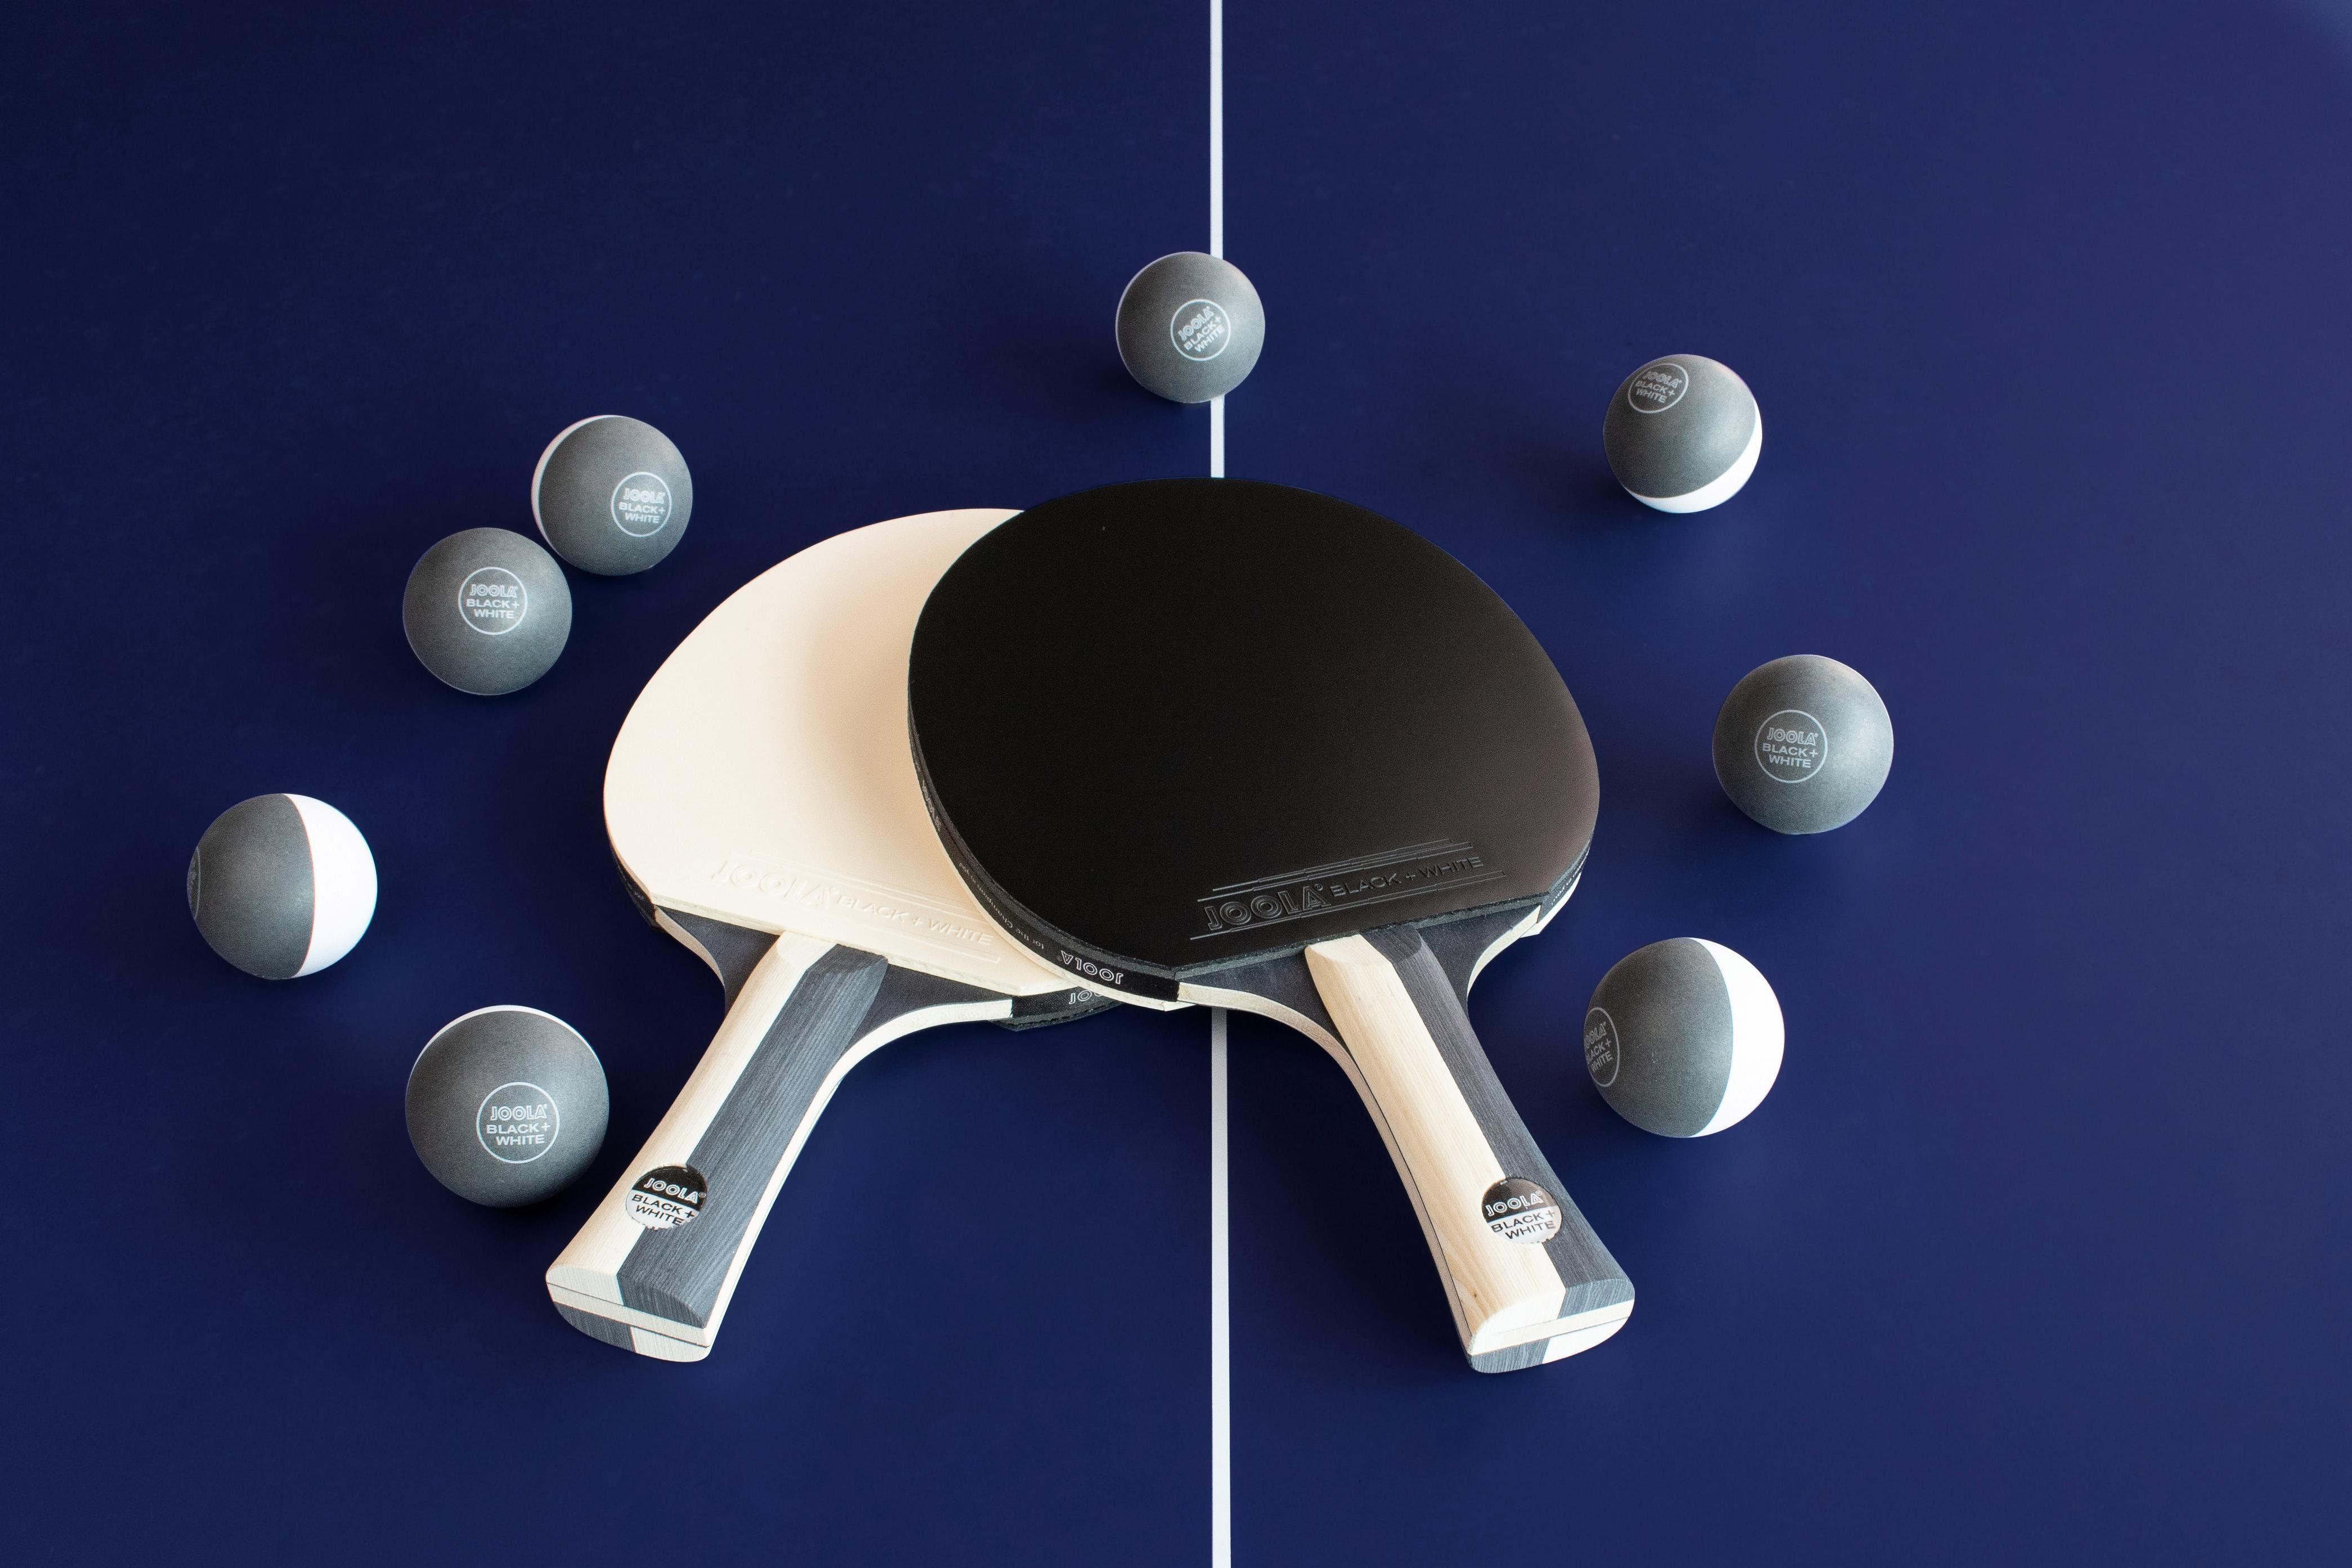 Joola Tischtennisschläger JOOLA Tischtennis-Set BLACK + WHITE (Set, 10-tlg., mit Bällen), bunt